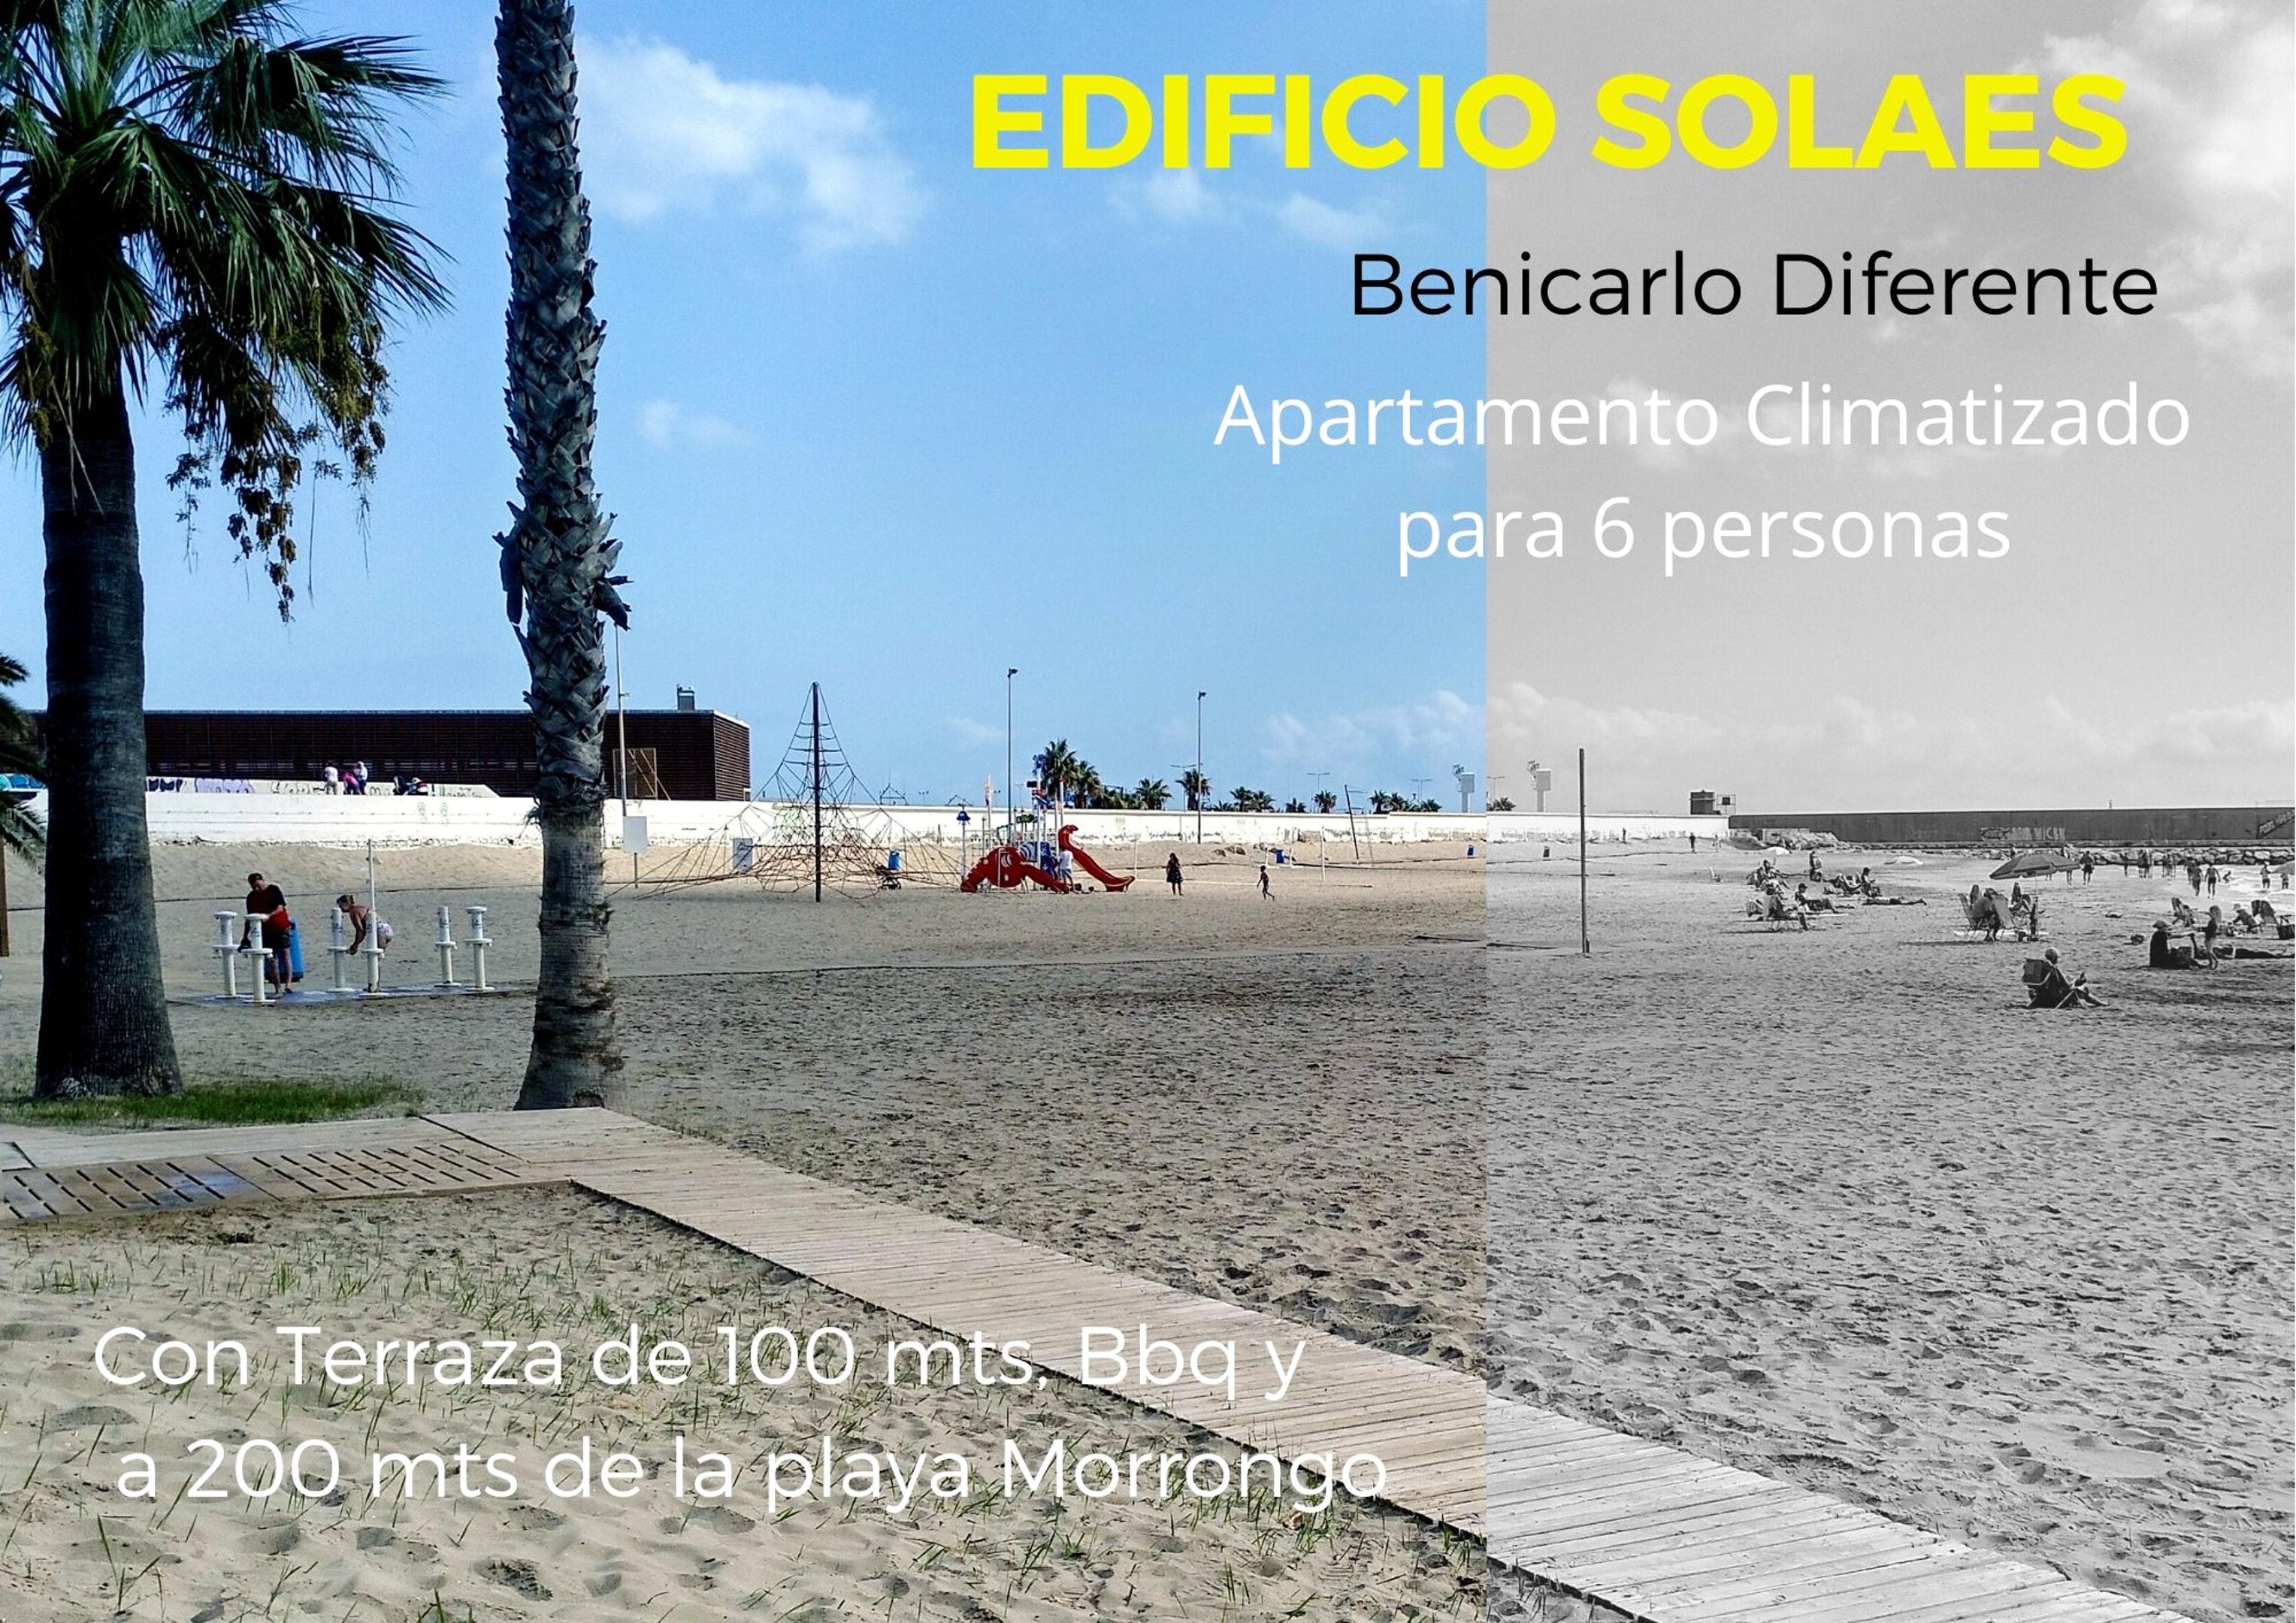 Wohnung mit 2 Schlafzimmern in Benicarlo mit sch&o Ferienwohnung  Costa del Azahar